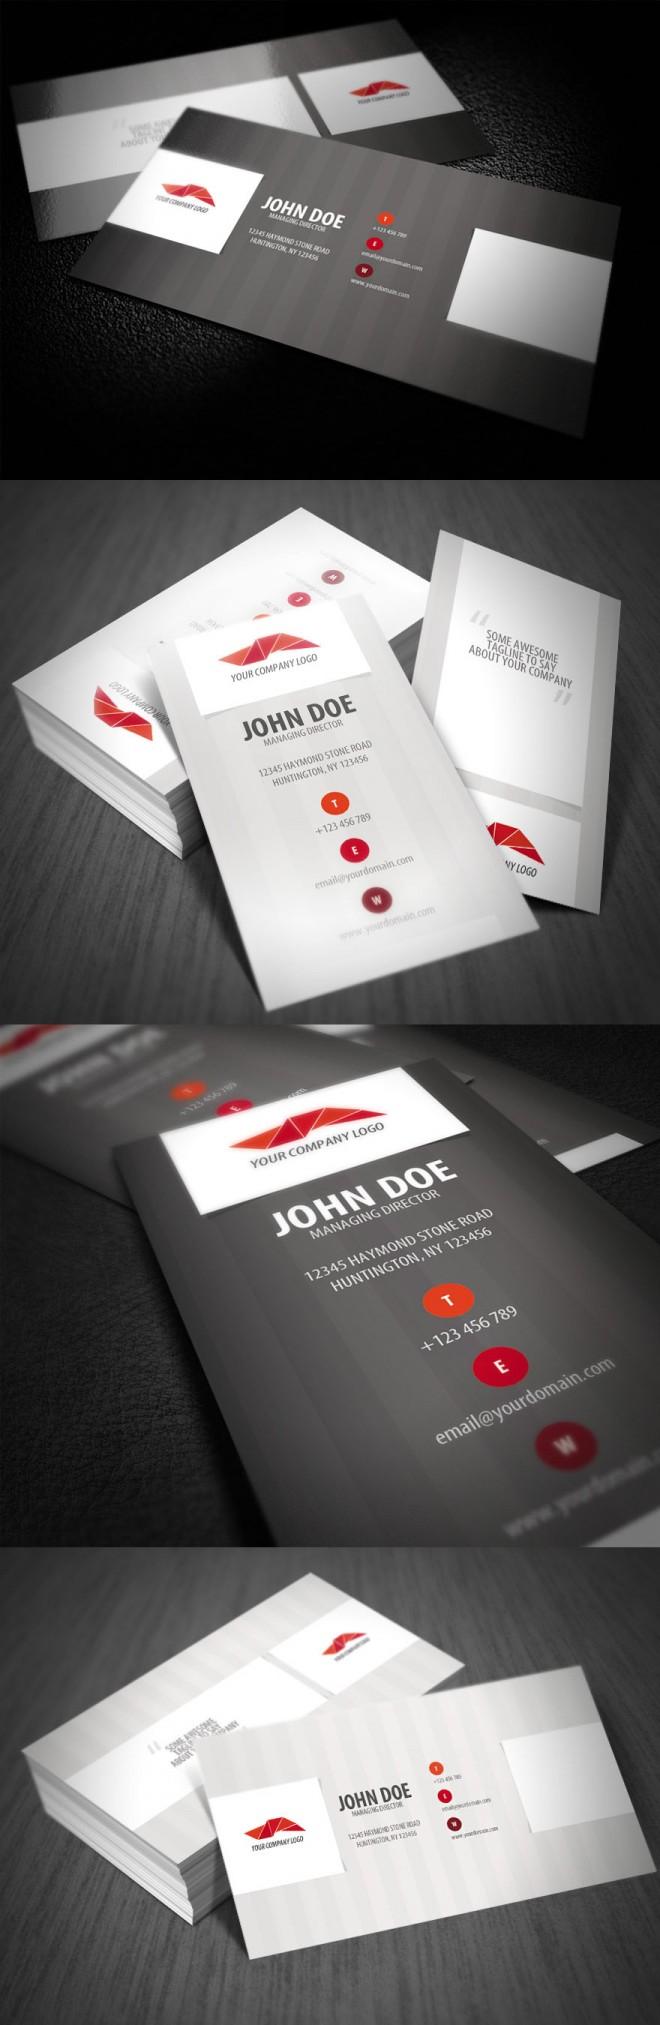 22-corporate-business-card-design